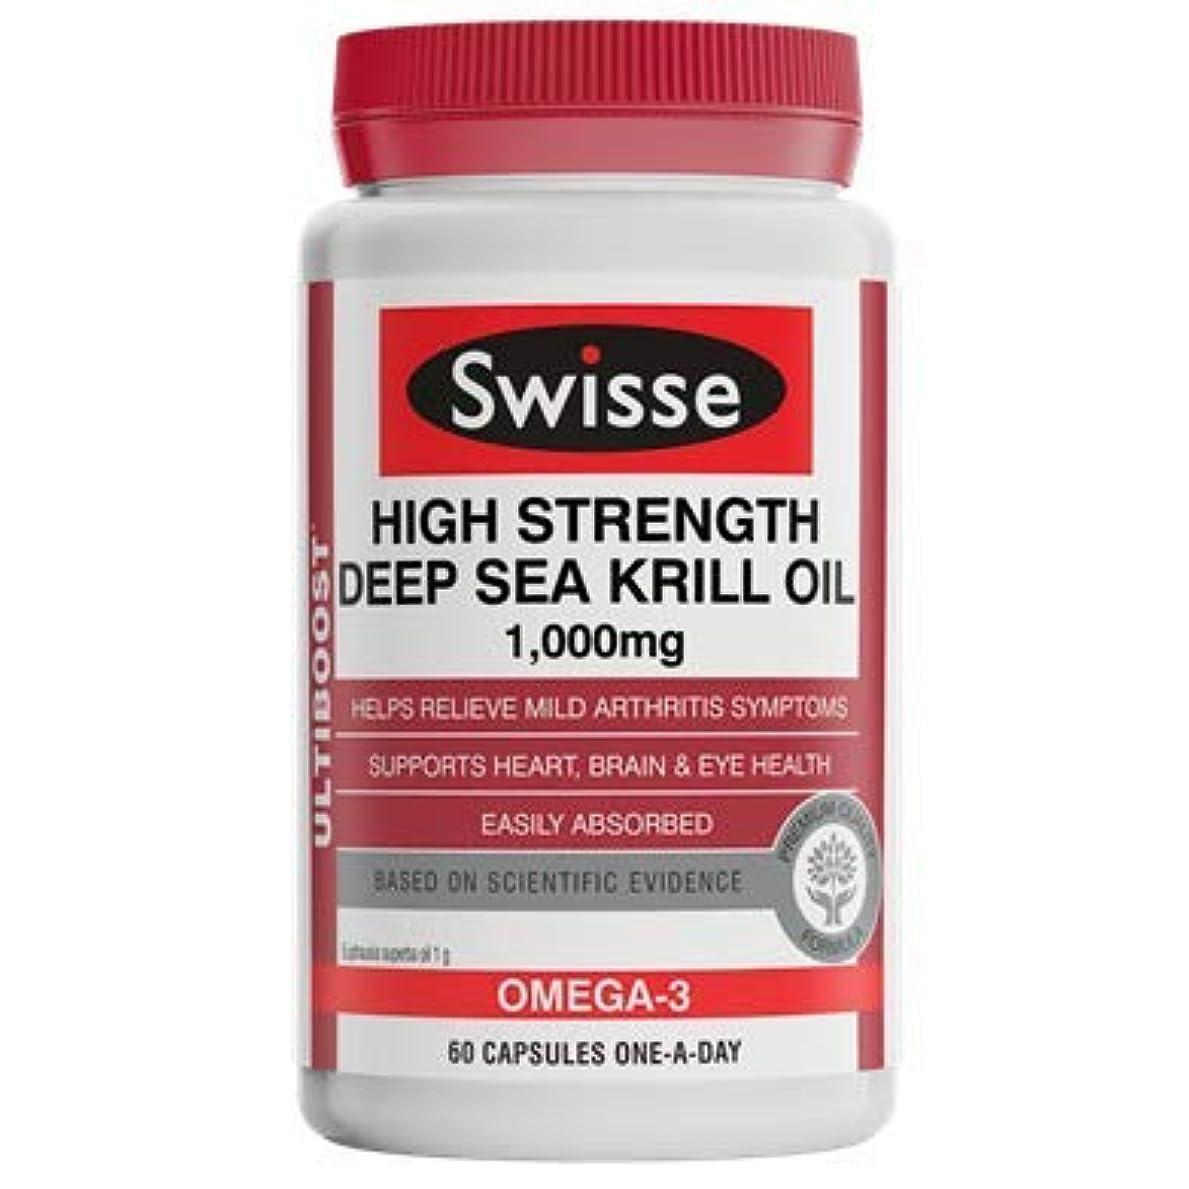 破滅的な笑スパンSwisse アルティブースト 高強度深海オキアミオイル1000mg 60カプセル [海外直送品] [並行輸入品]